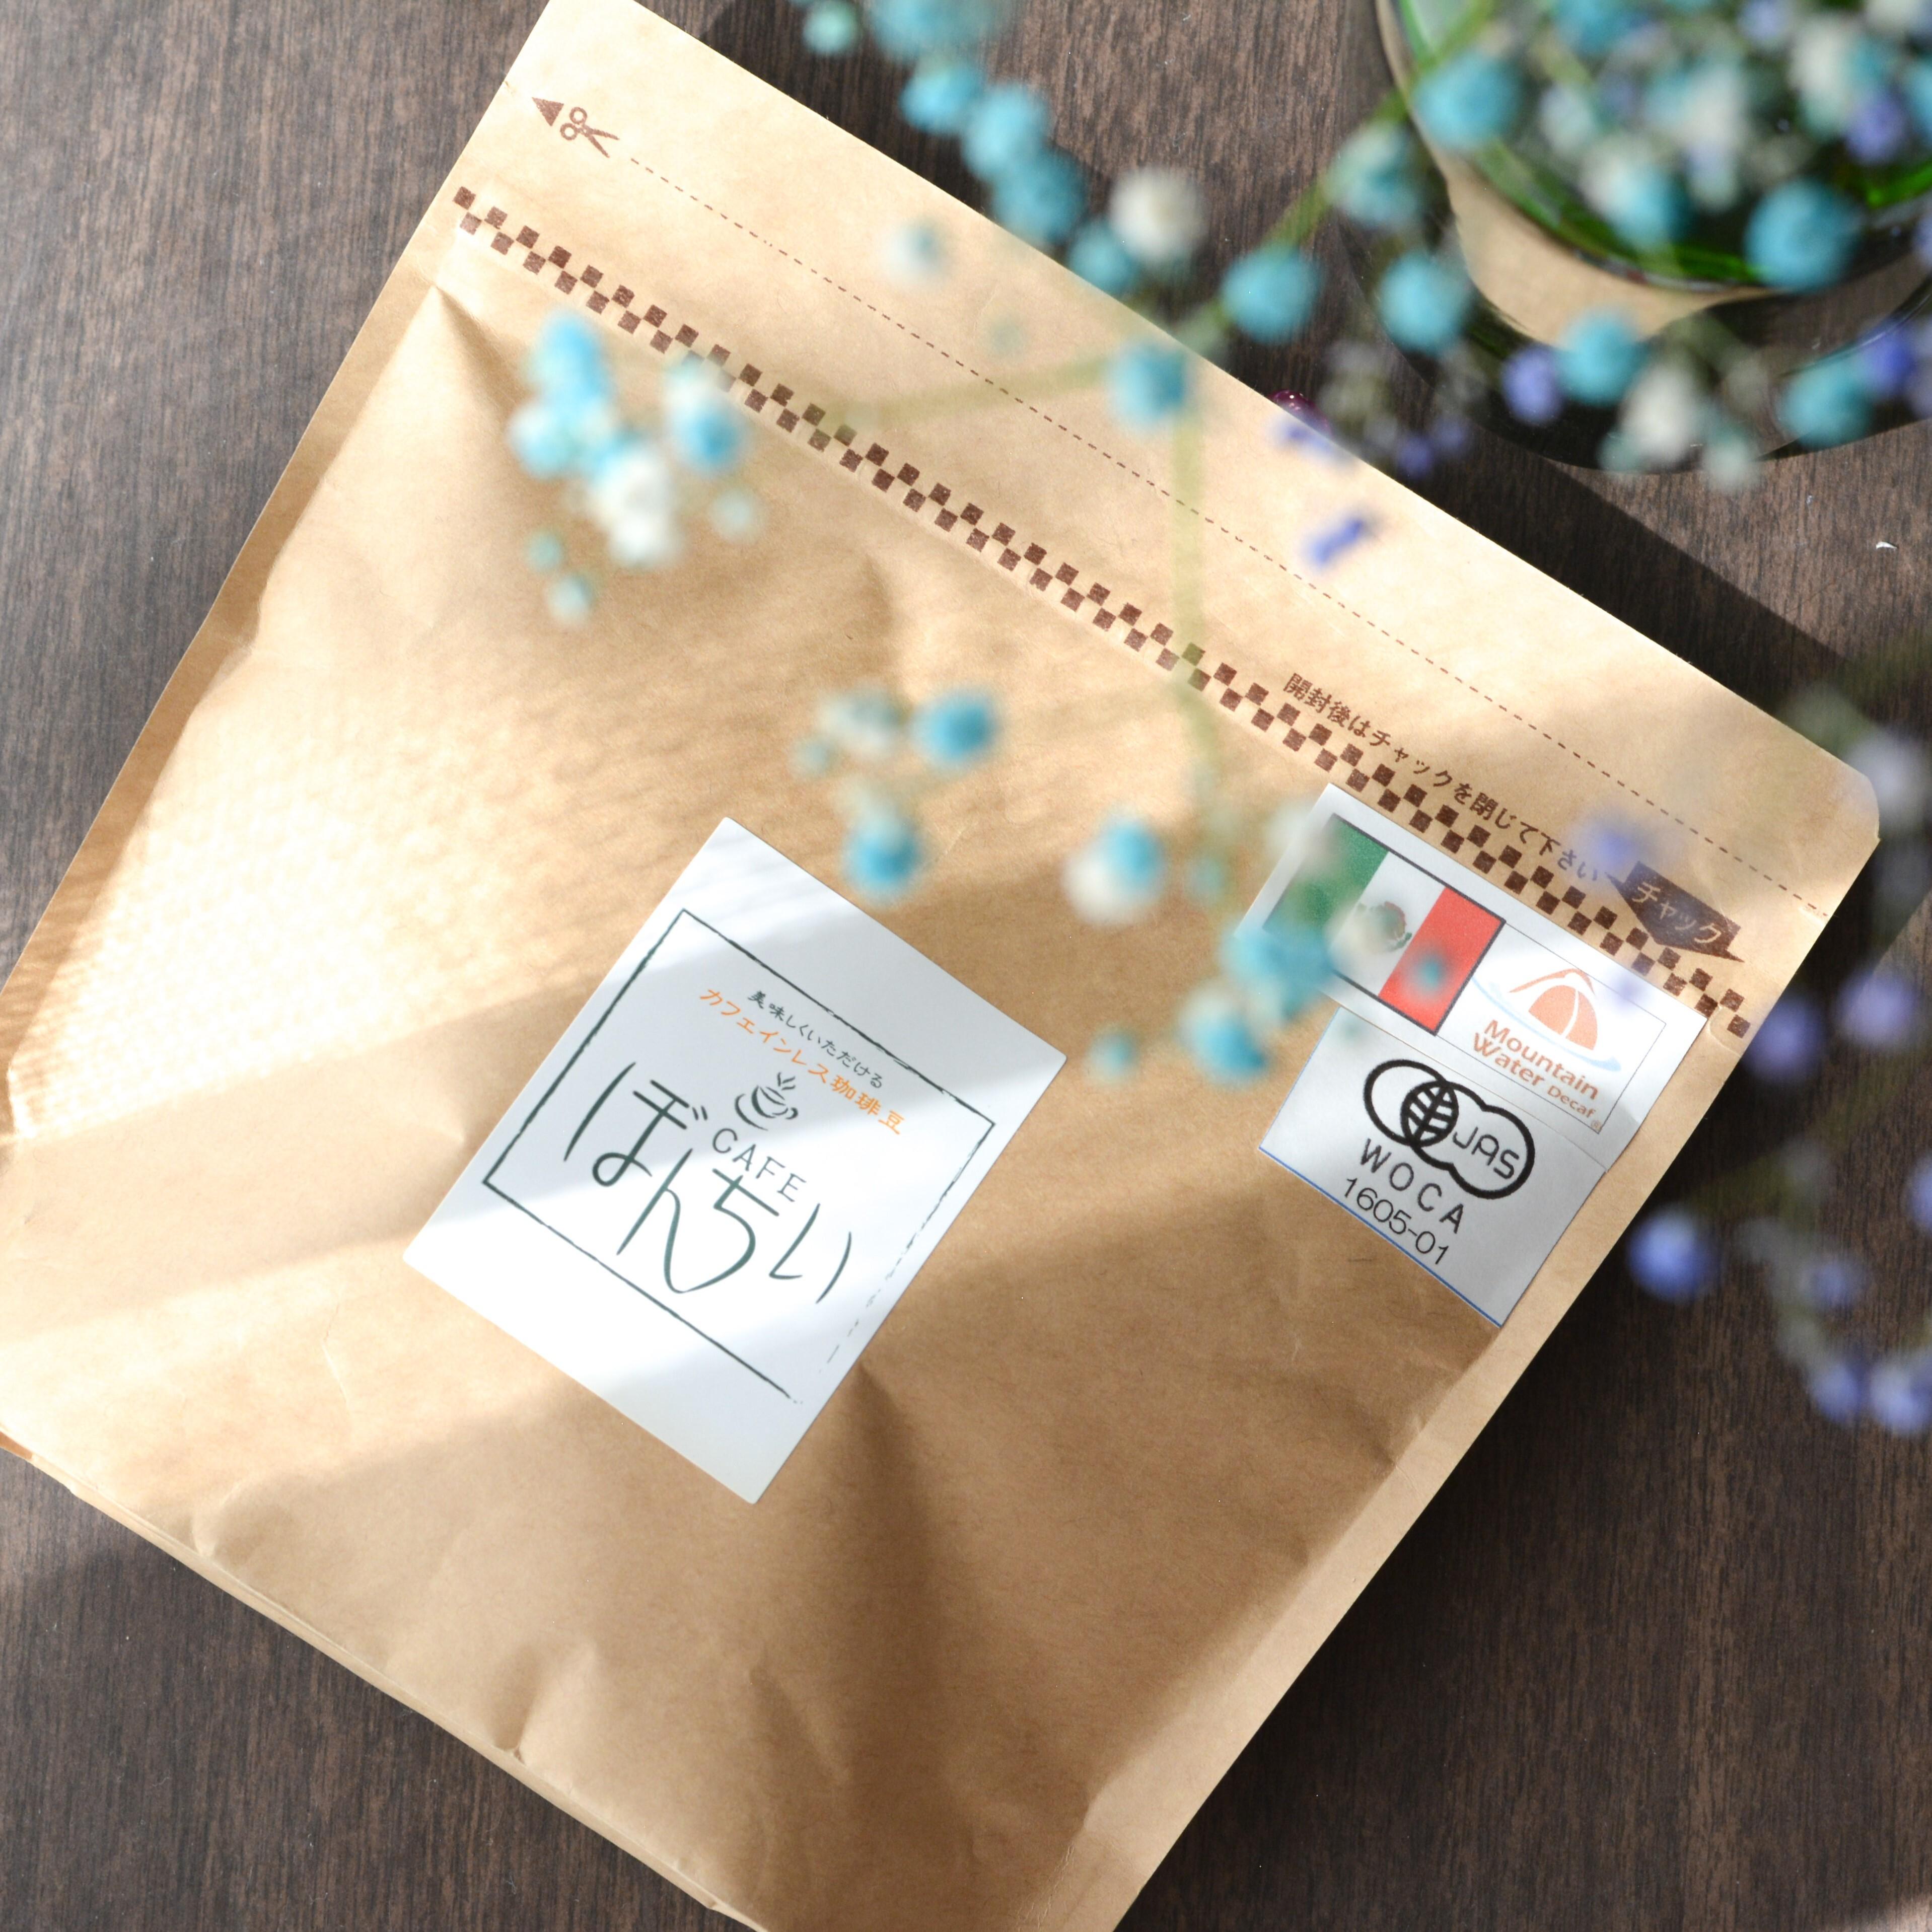 ご自宅や会社などでコーヒーメーカーを使ったりして簡単に京都喫茶店のコーヒーの味をどこでも味わえます